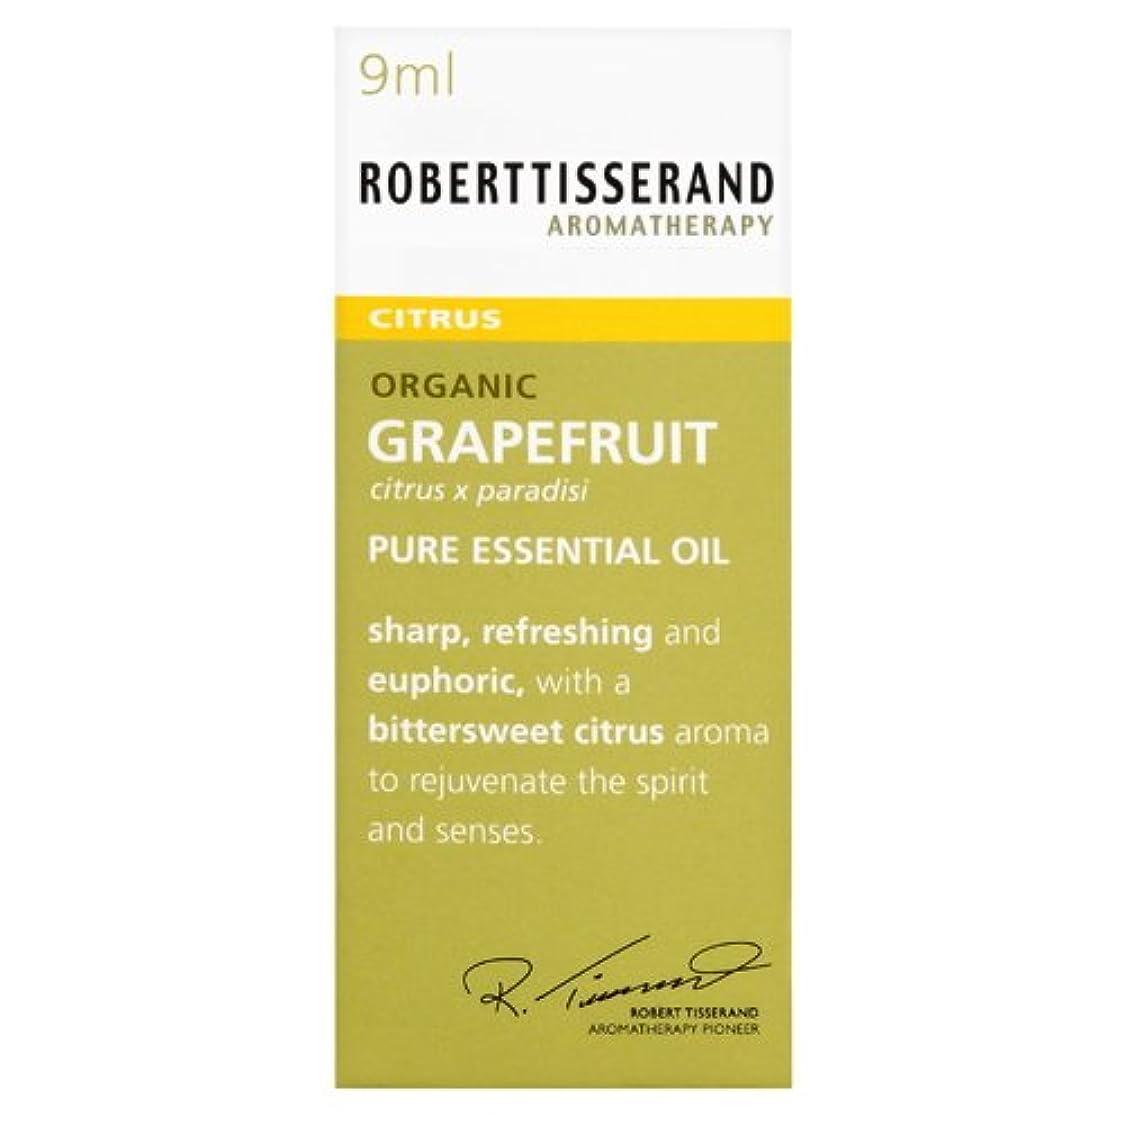 背の高い賢明な人柄ロバートティスランド 英国土壌協会認証 オーガニック グレープフルーツ 9ml